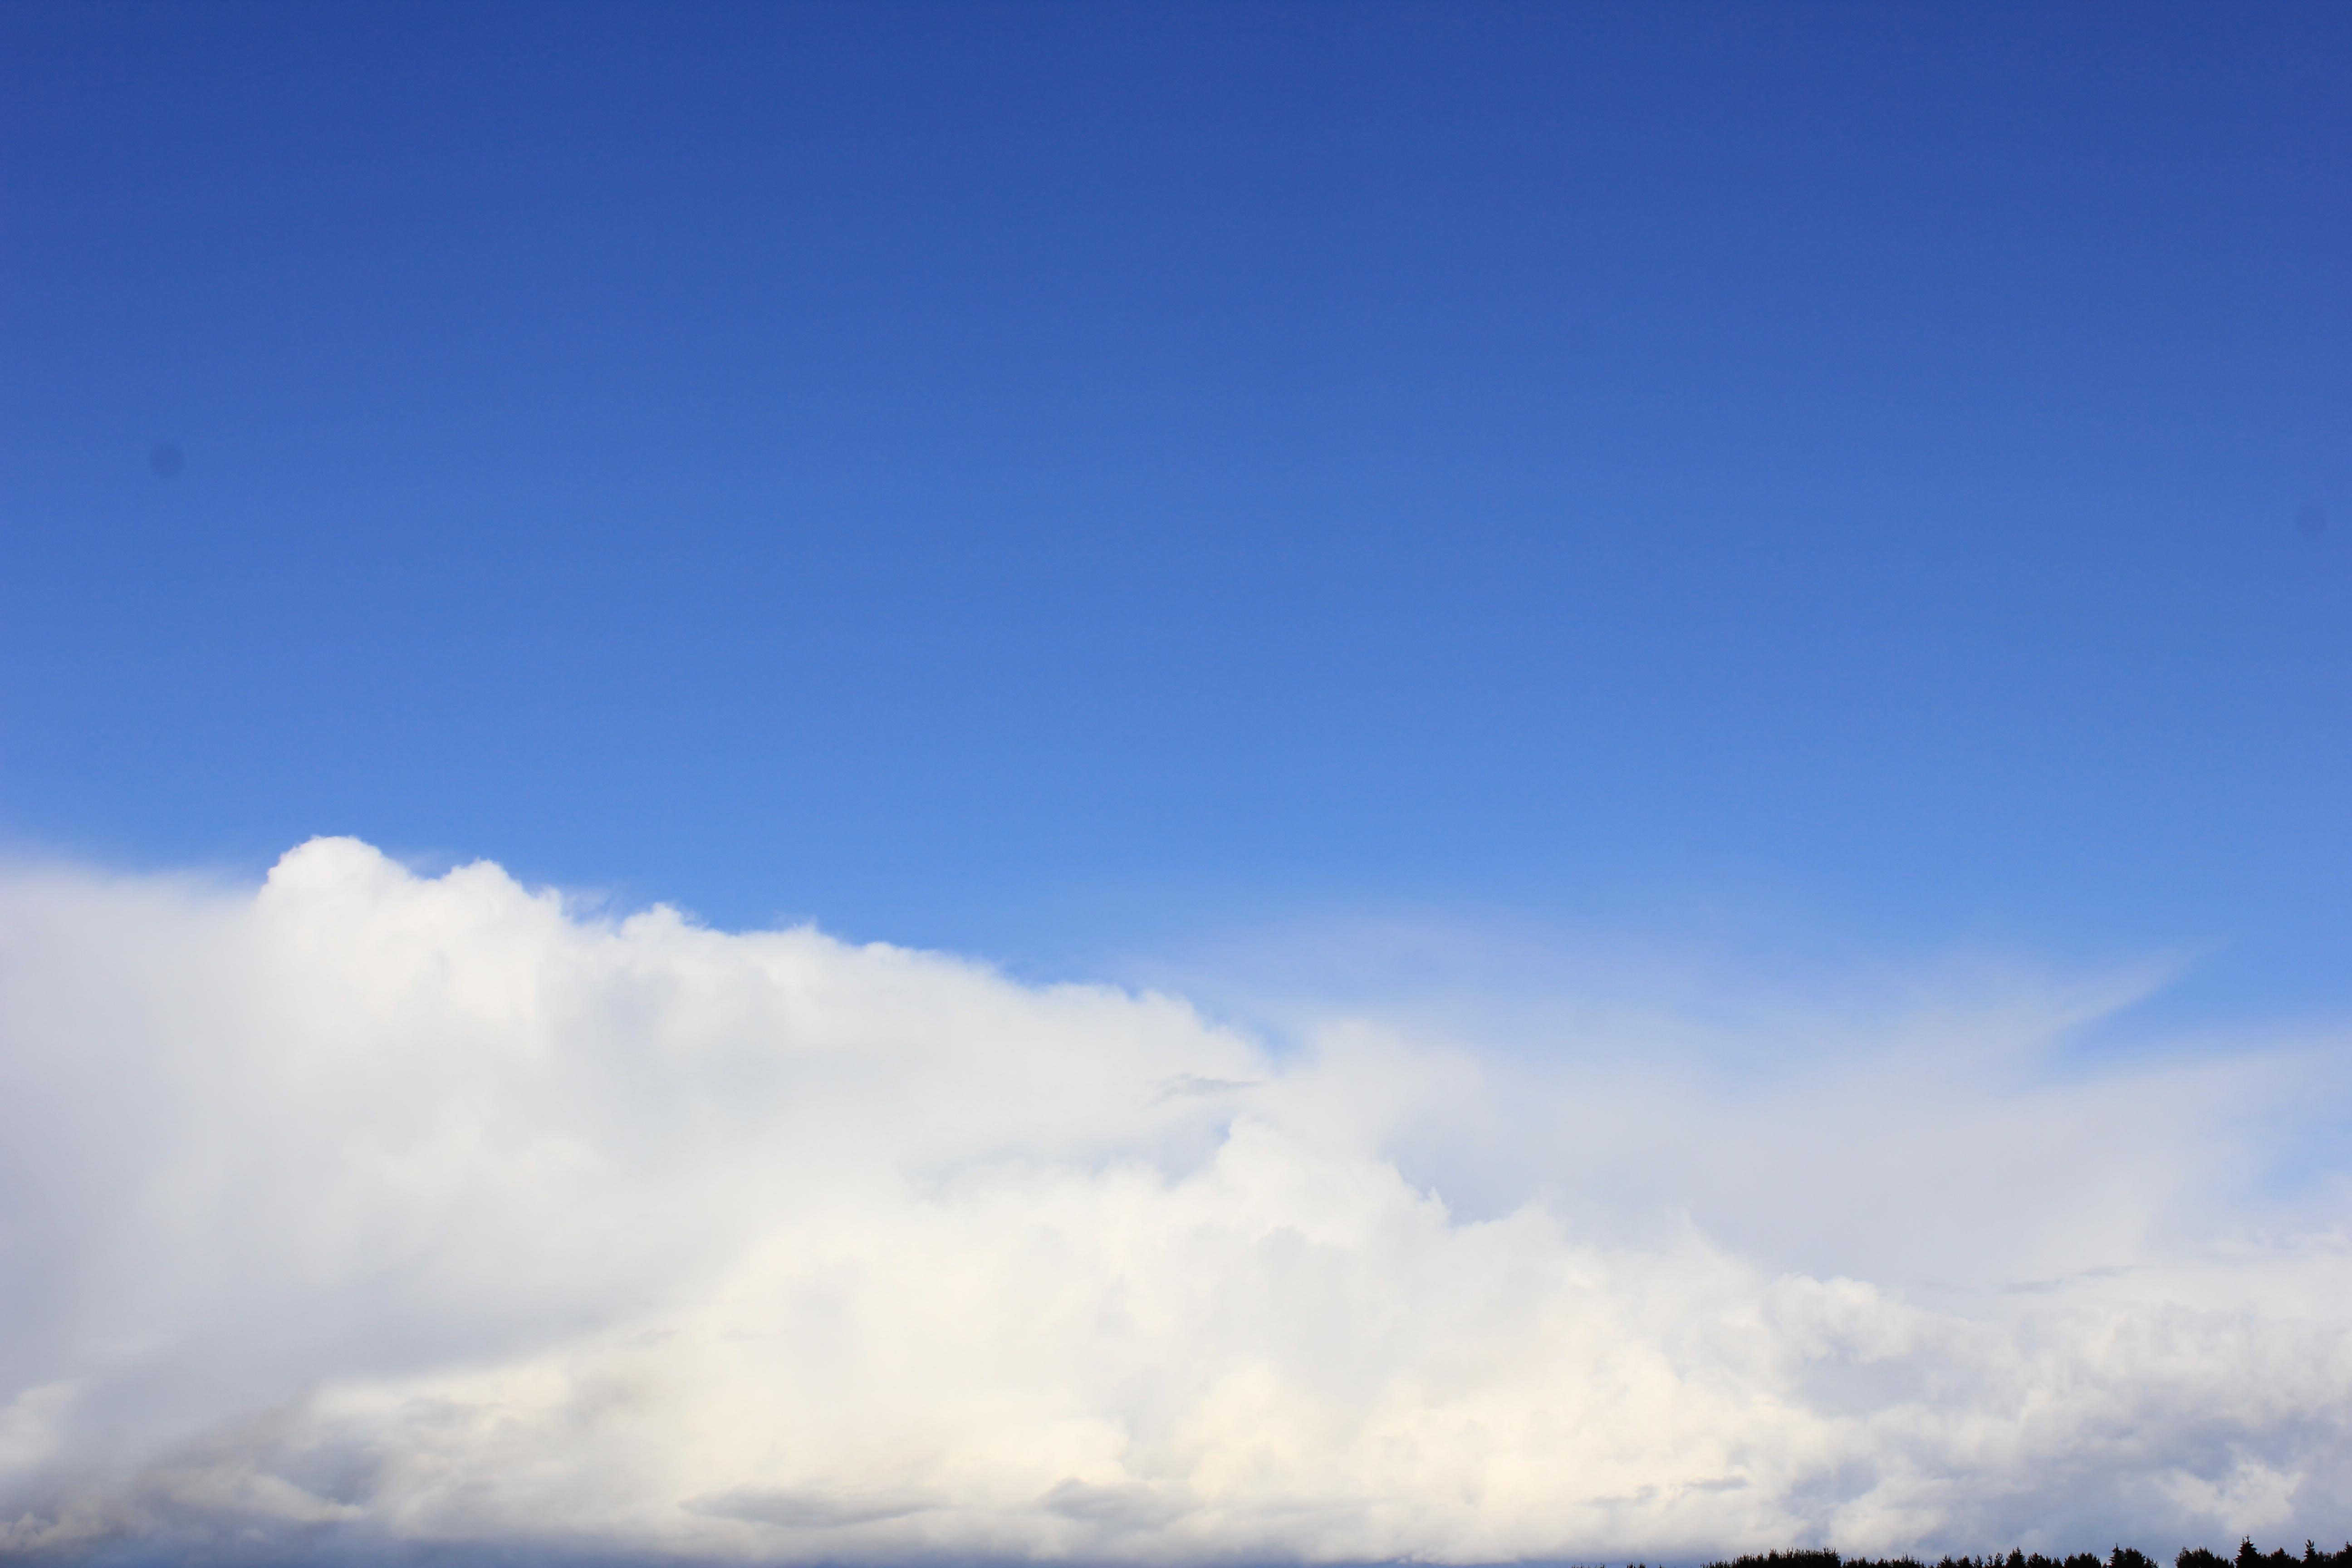 сентяборское небо (2)